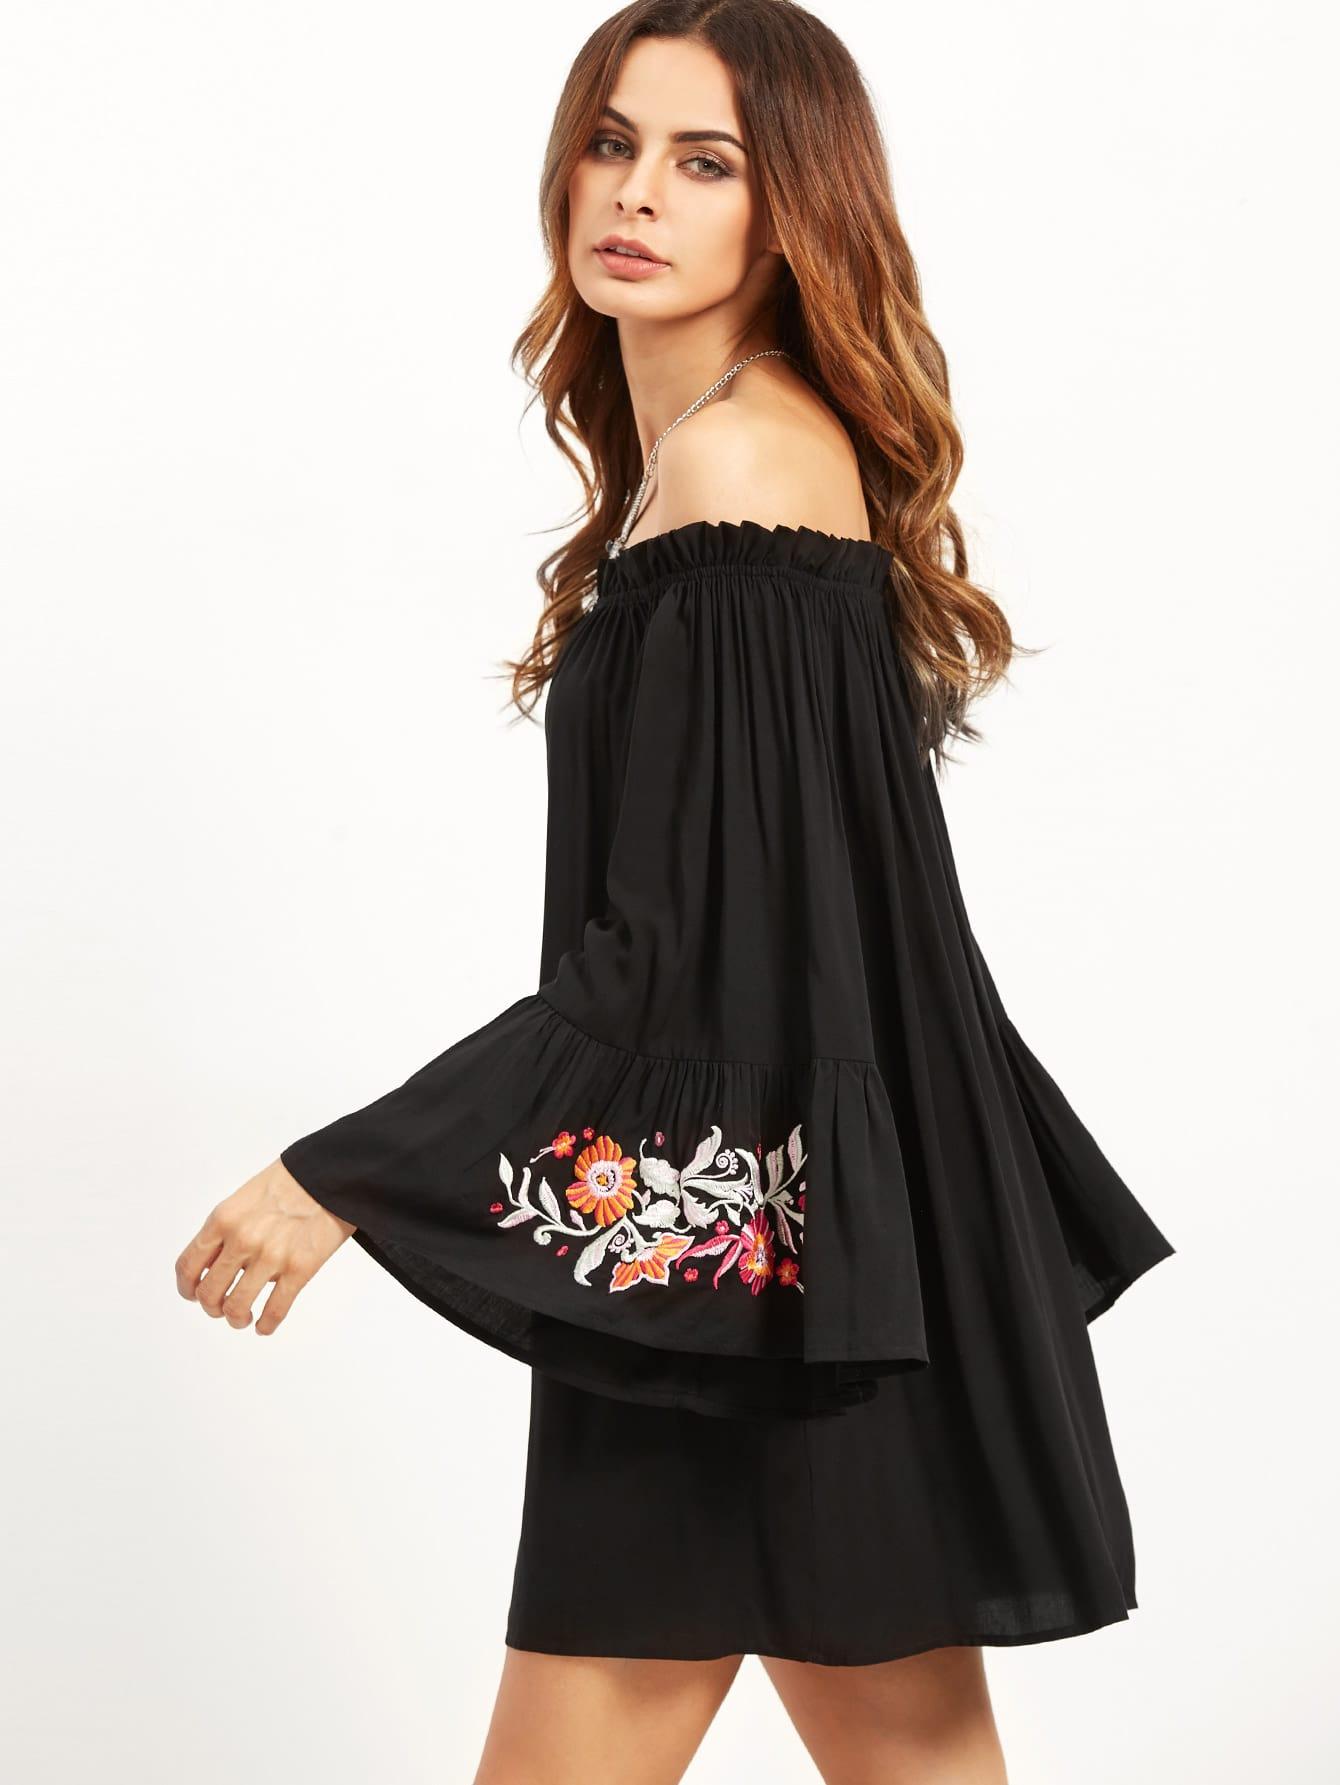 dress160831702_2